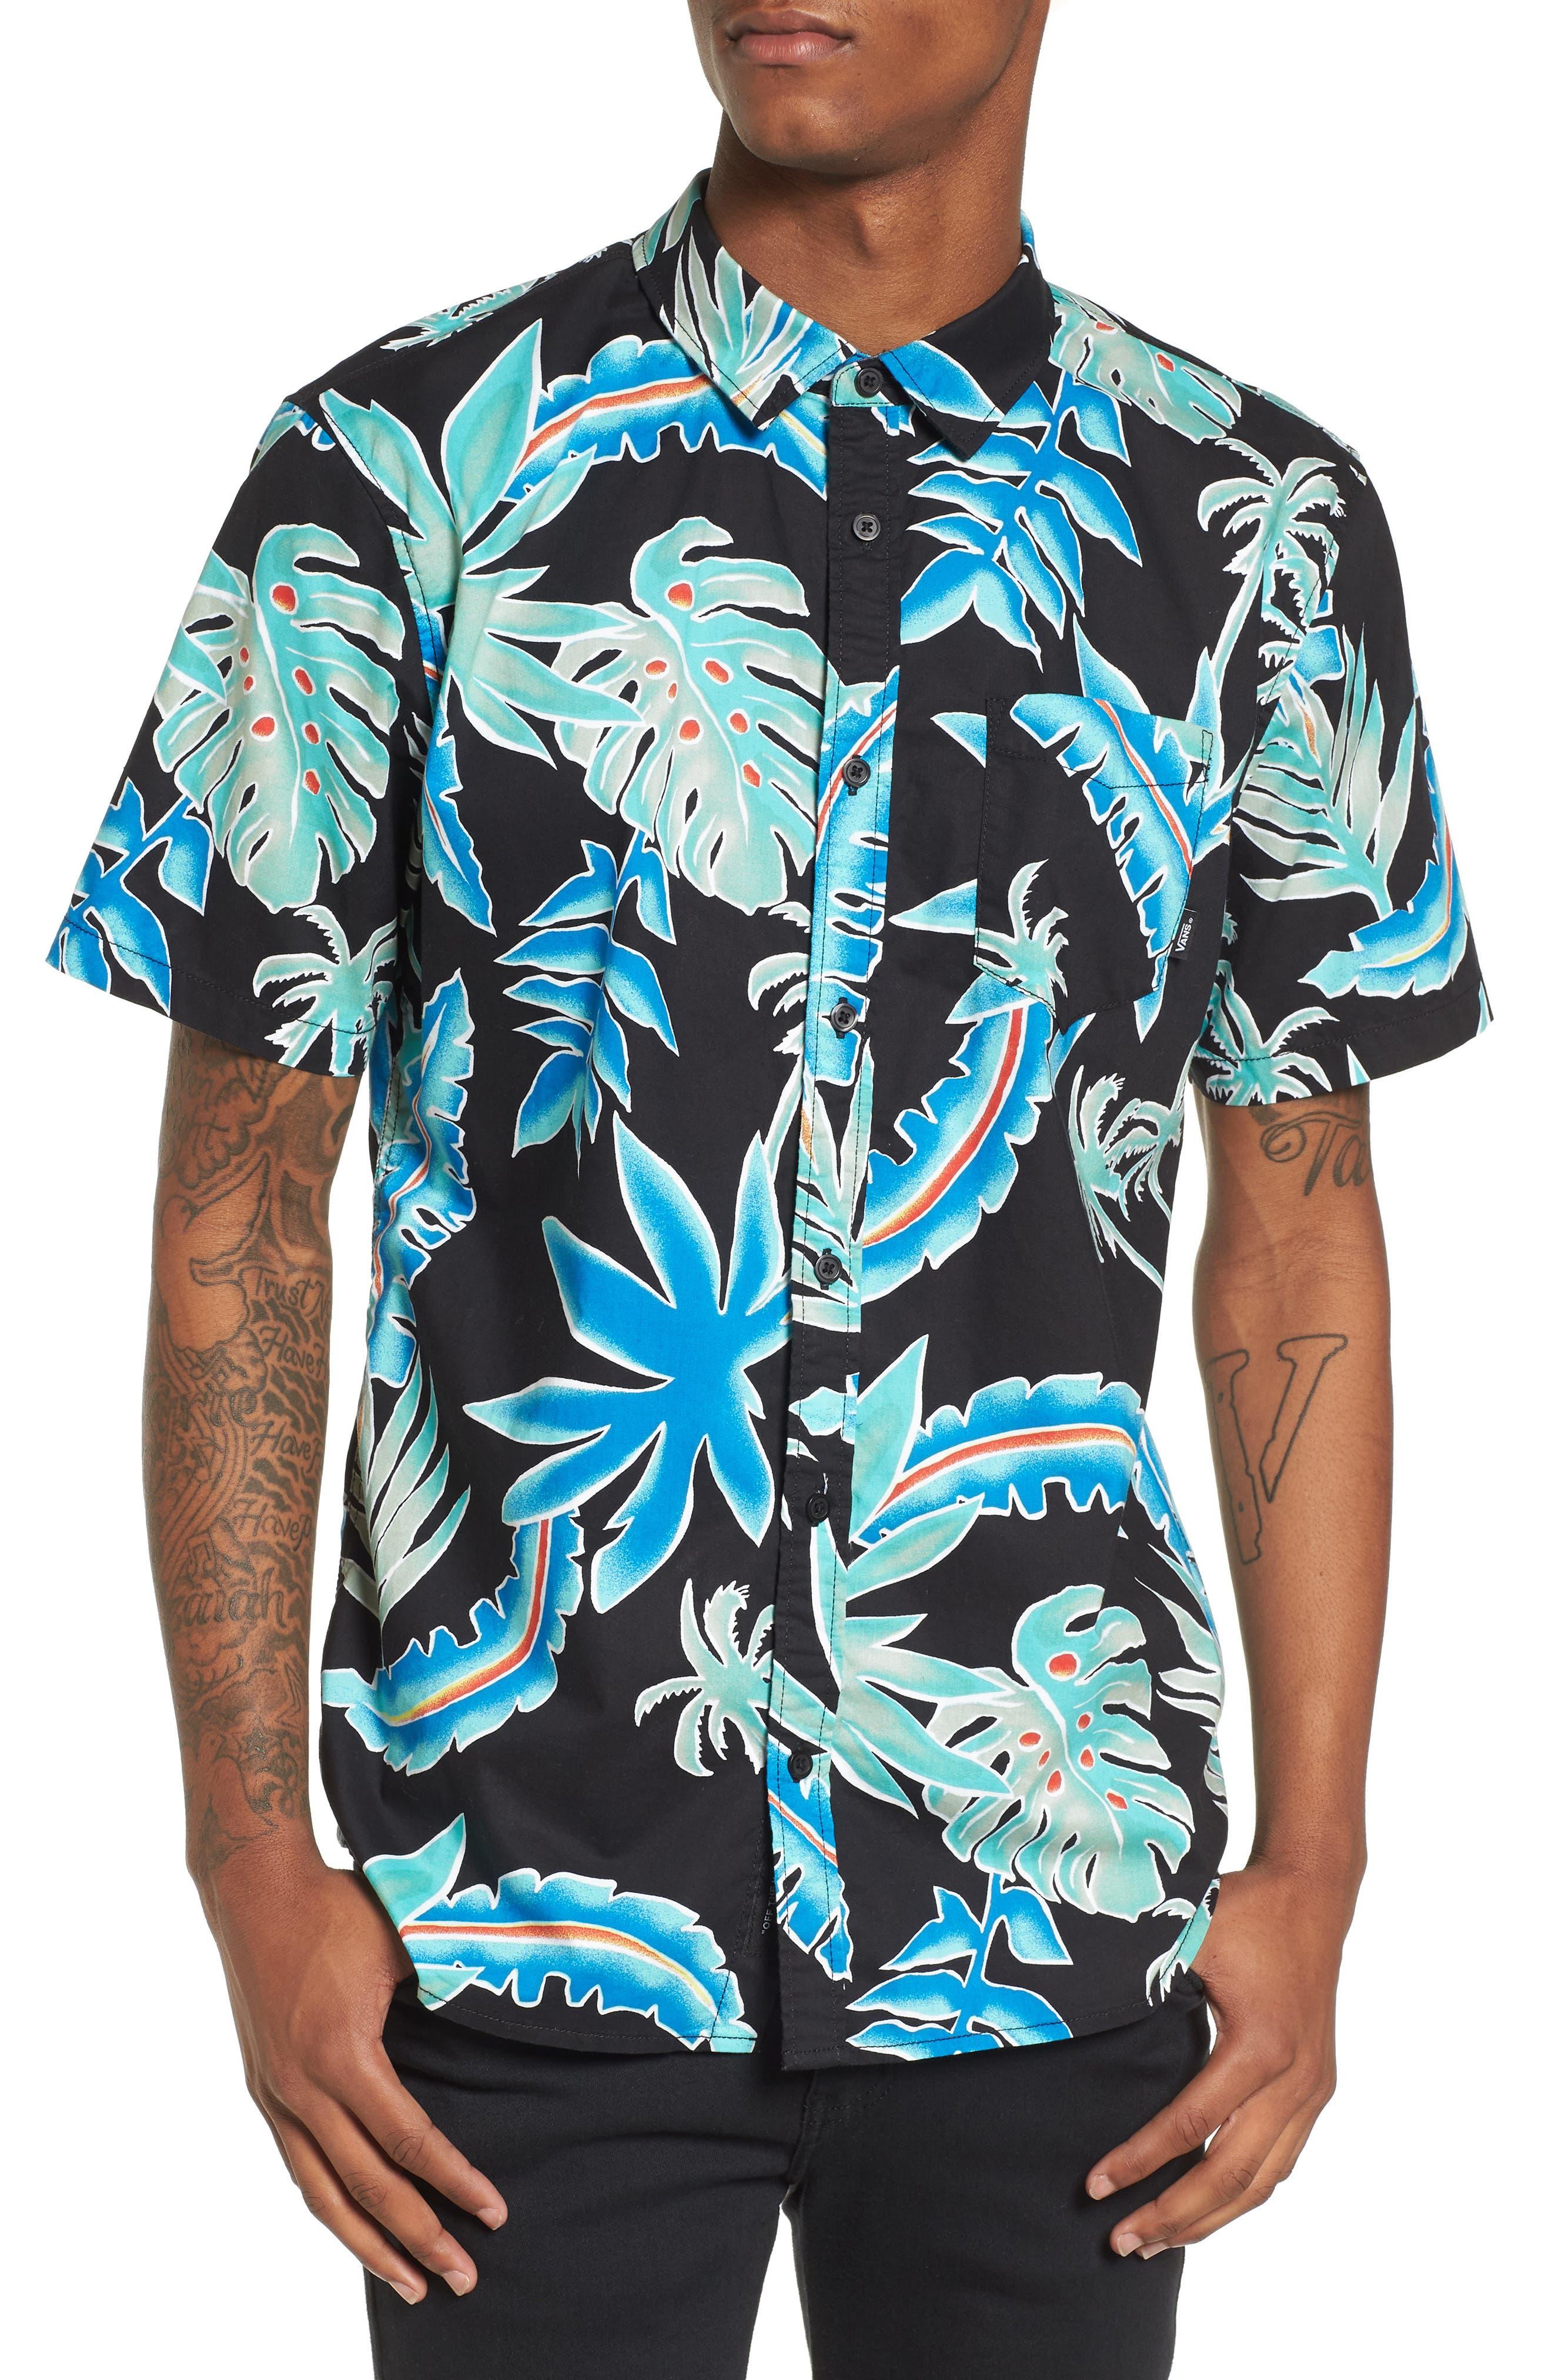 Pit Stop Woven Shirt,                         Main,                         color, BLACK PIT STOP FLORAL